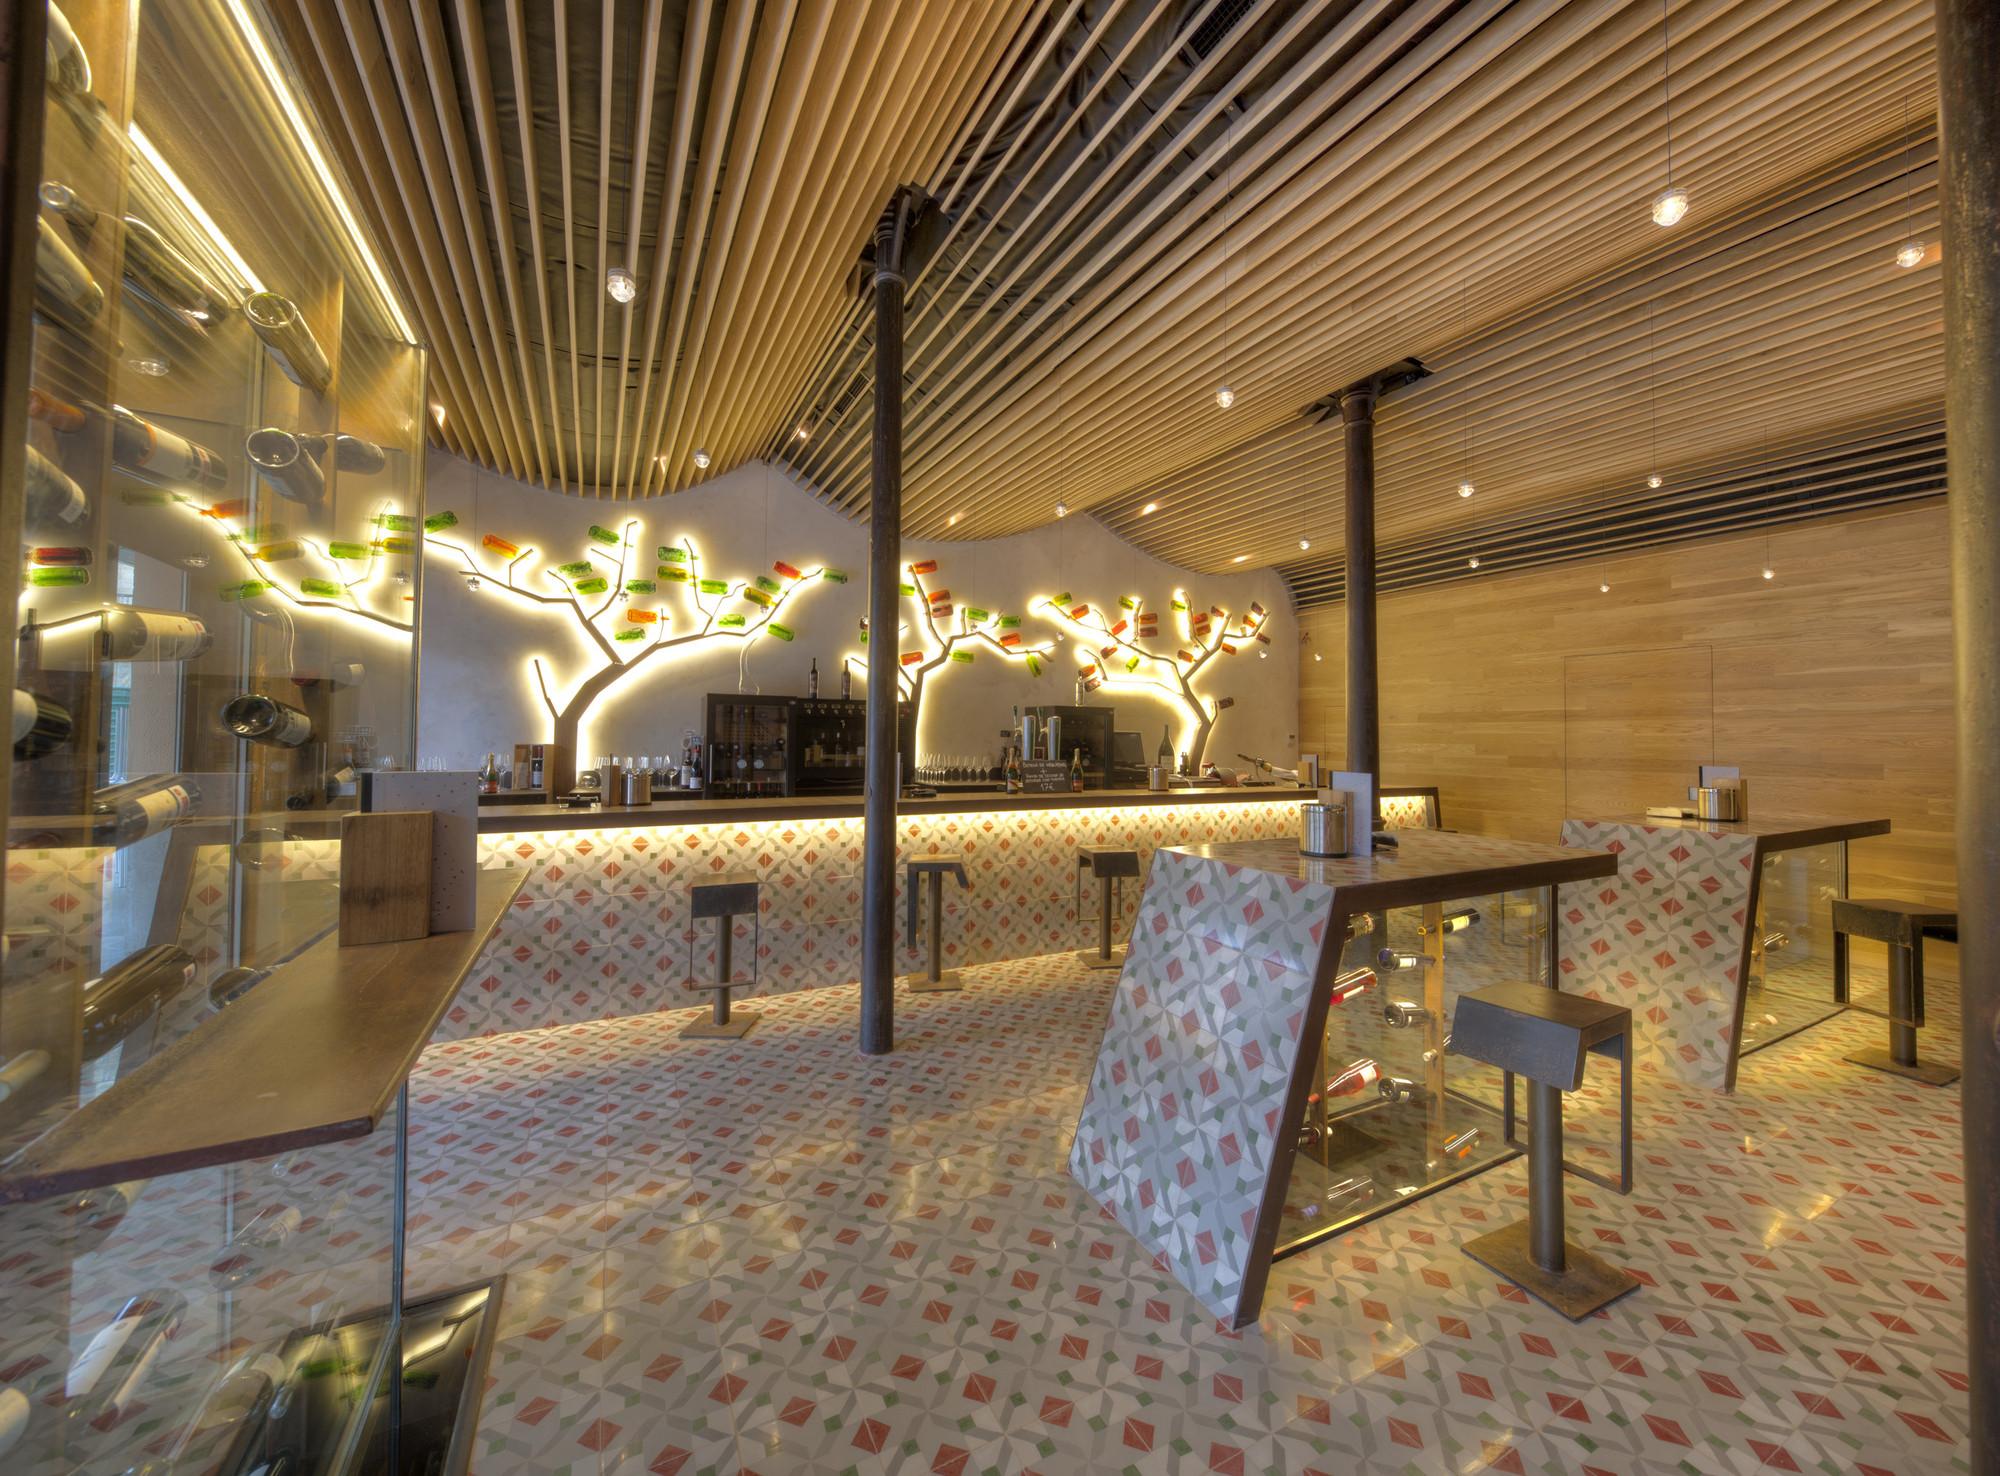 Vinoteca y restaurante entrecepas virginiaarq for Restaurante arquitectura